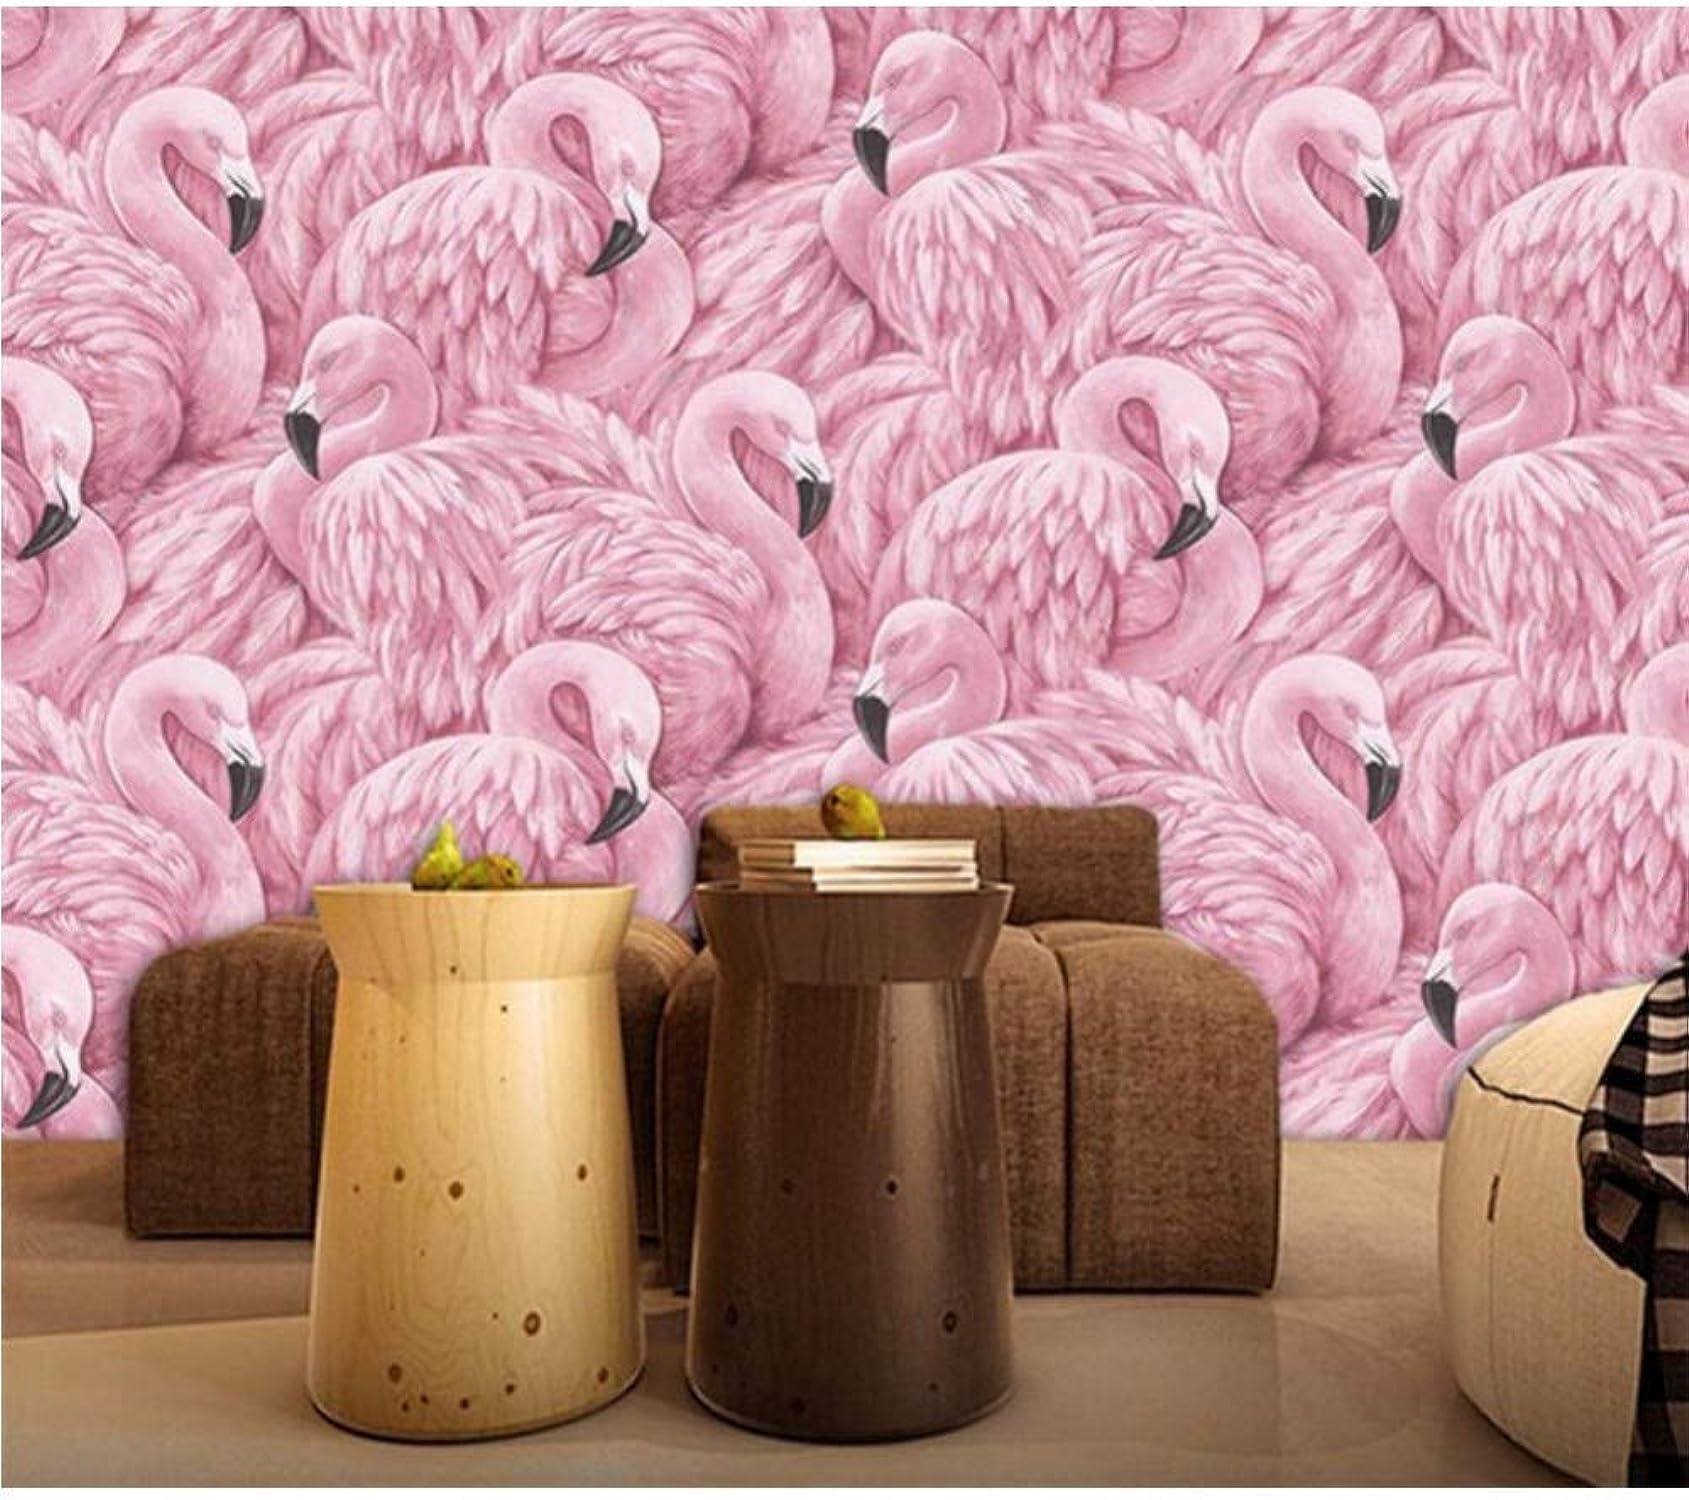 online al mejor precio Flamingos Bird Animal Wallpaper Murales Para La La La Sala De Estar Decoración De La Parojo Del Hogar Moderno Foto Mural Impreso Wallpaper Tamaño Personalizado-200X140CM  sin mínimo